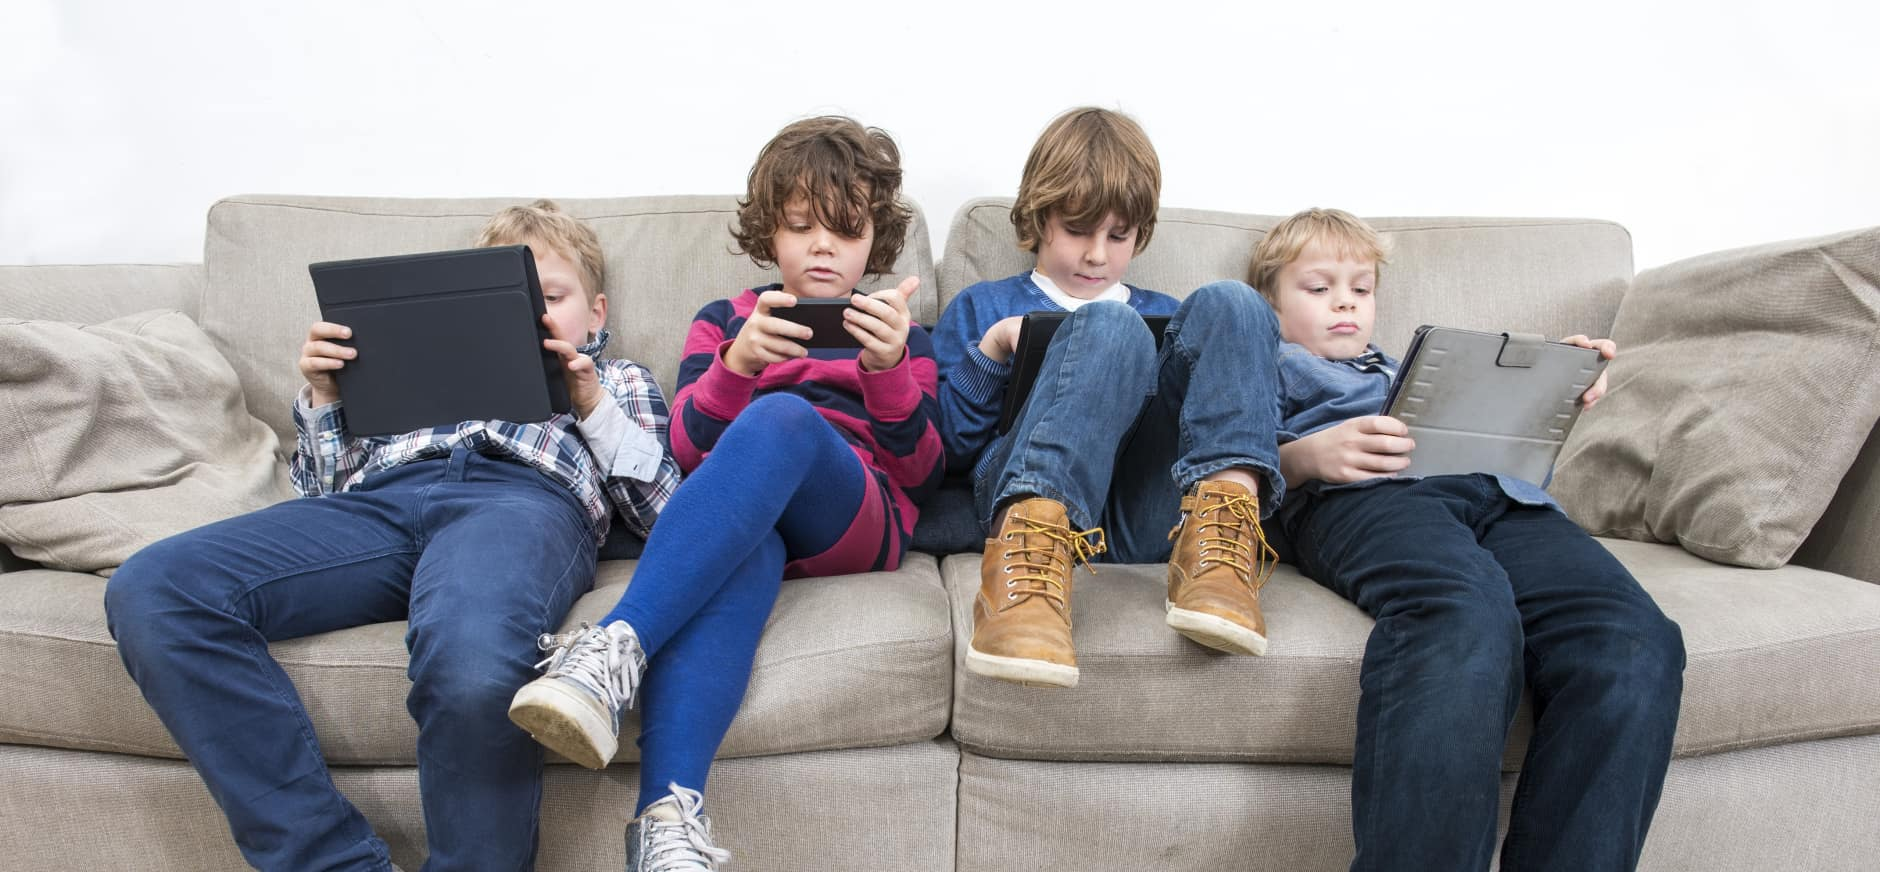 Hoe krijgen we onze kinderen naar buiten?